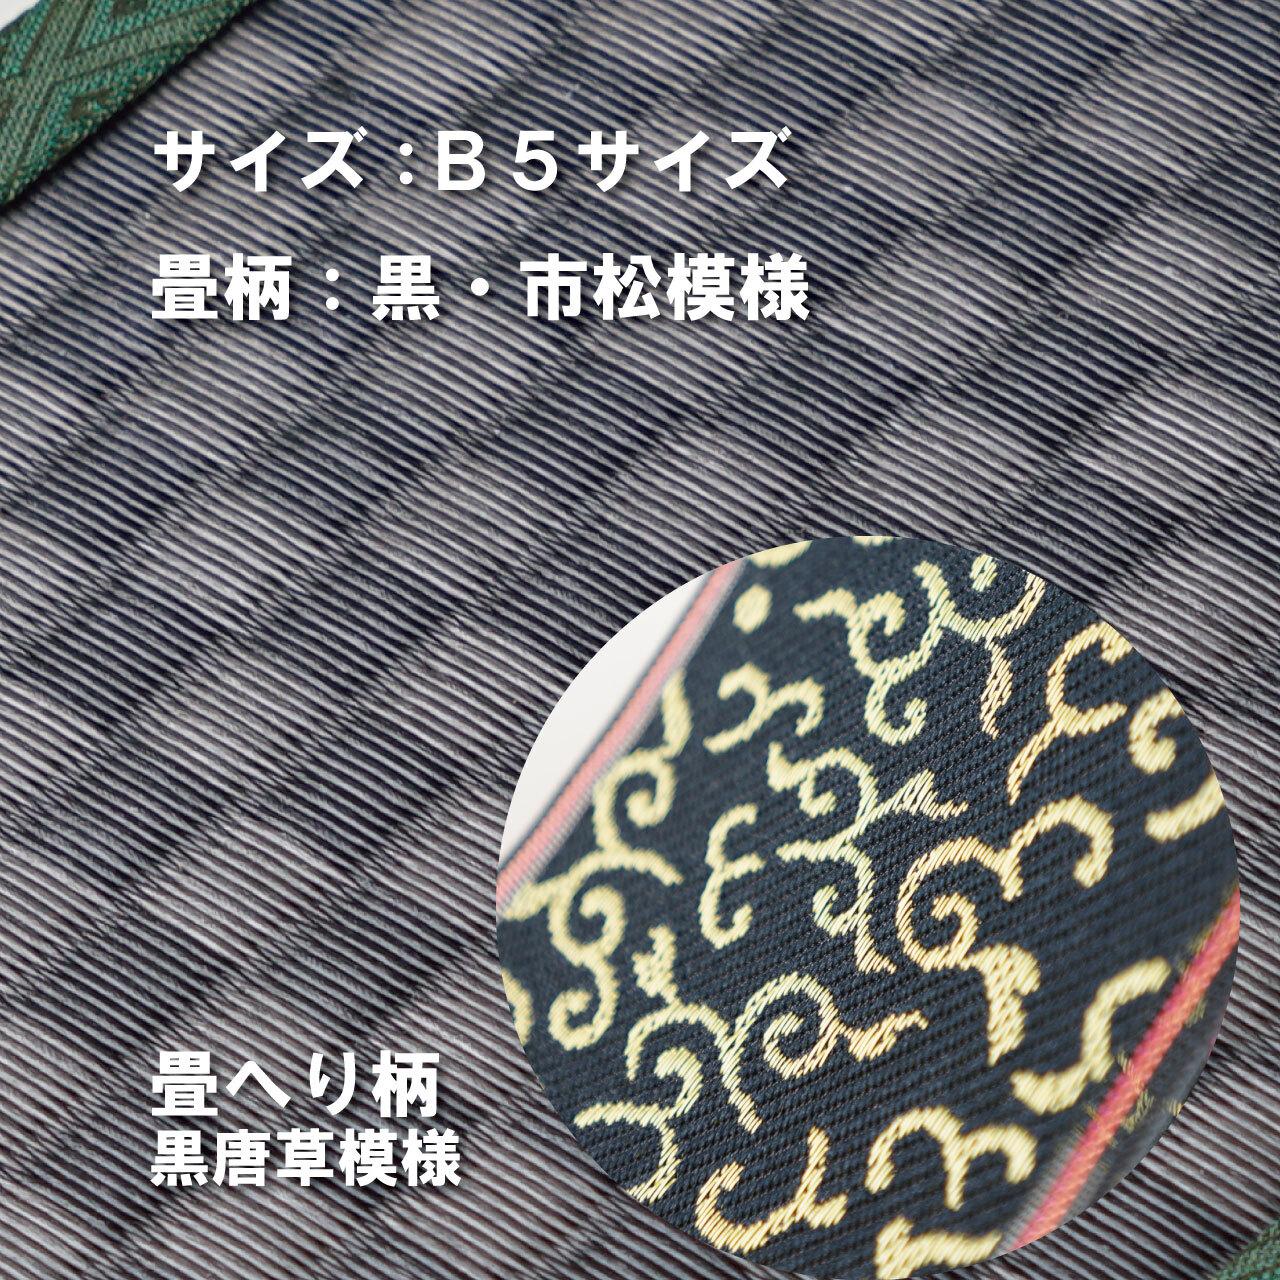 ミニ畳台 フィギア台や小物置きに♪ B5サイズ 畳:黒市松 縁の柄:黒唐草模様 B5BM007